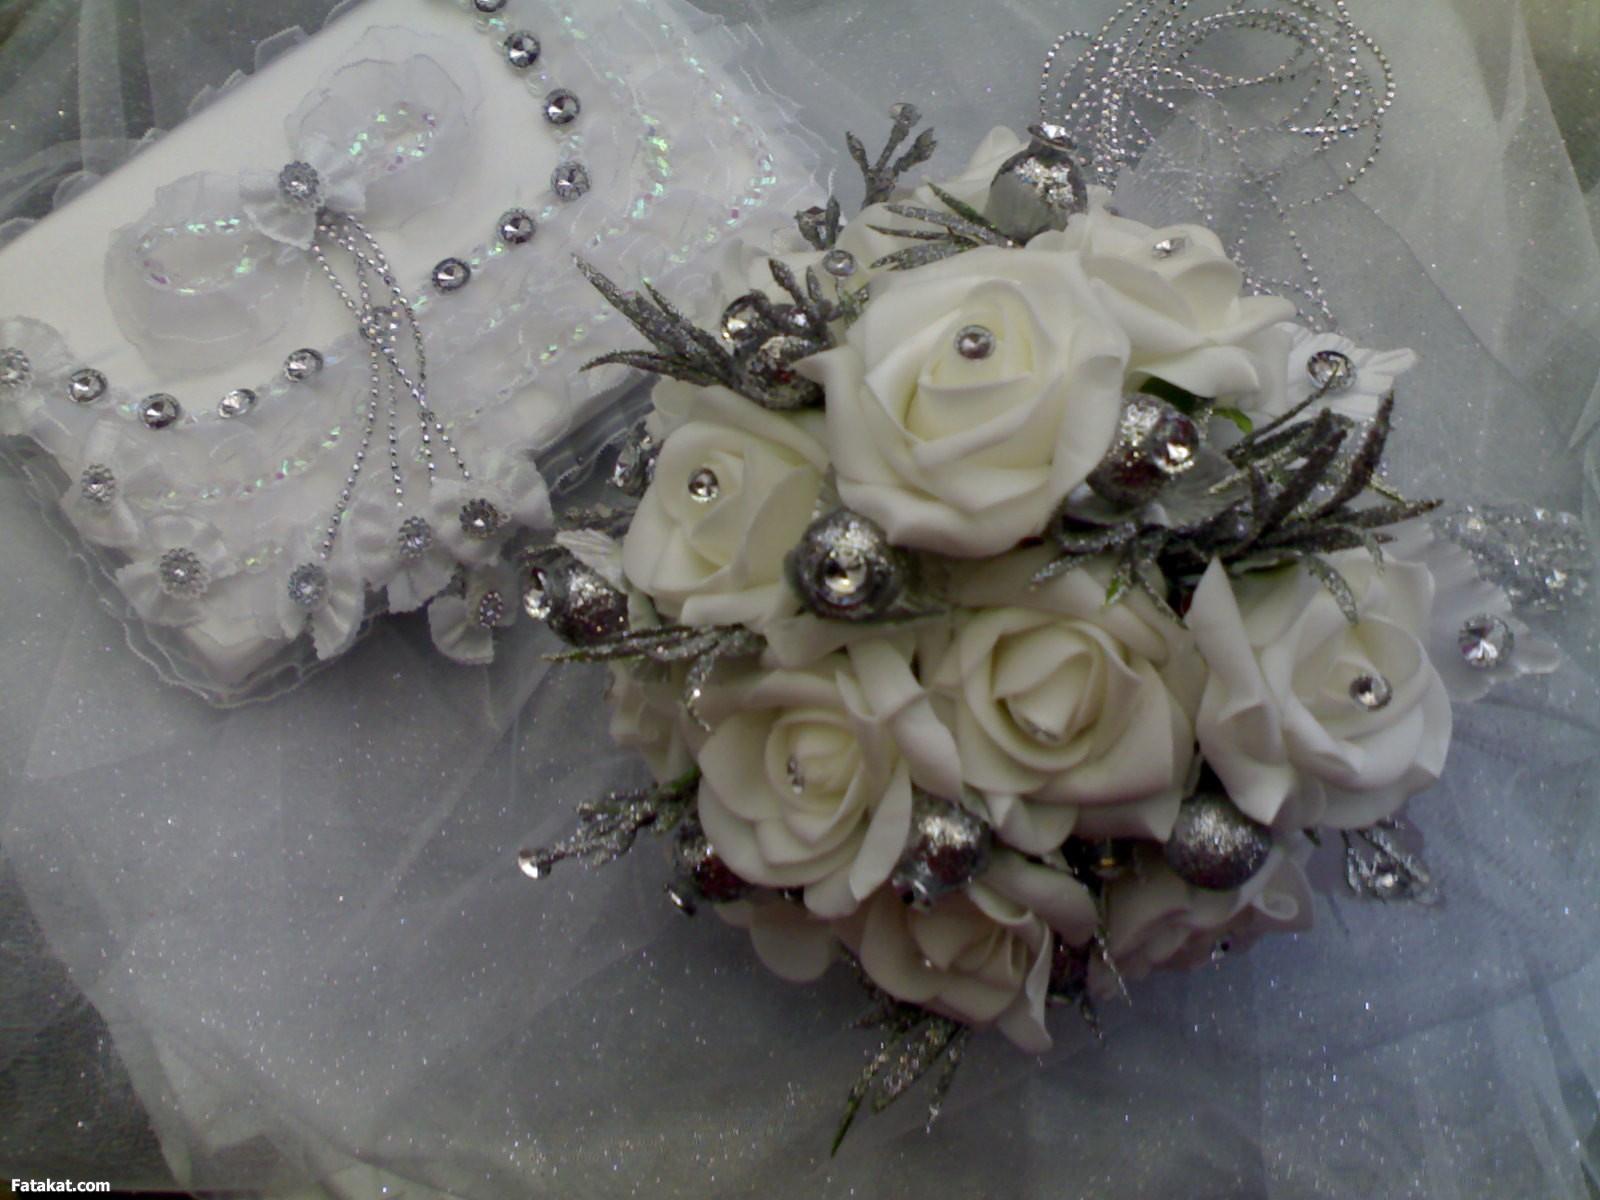 بالصور اشغال يدوية للعروس بالصور 20160907 1233